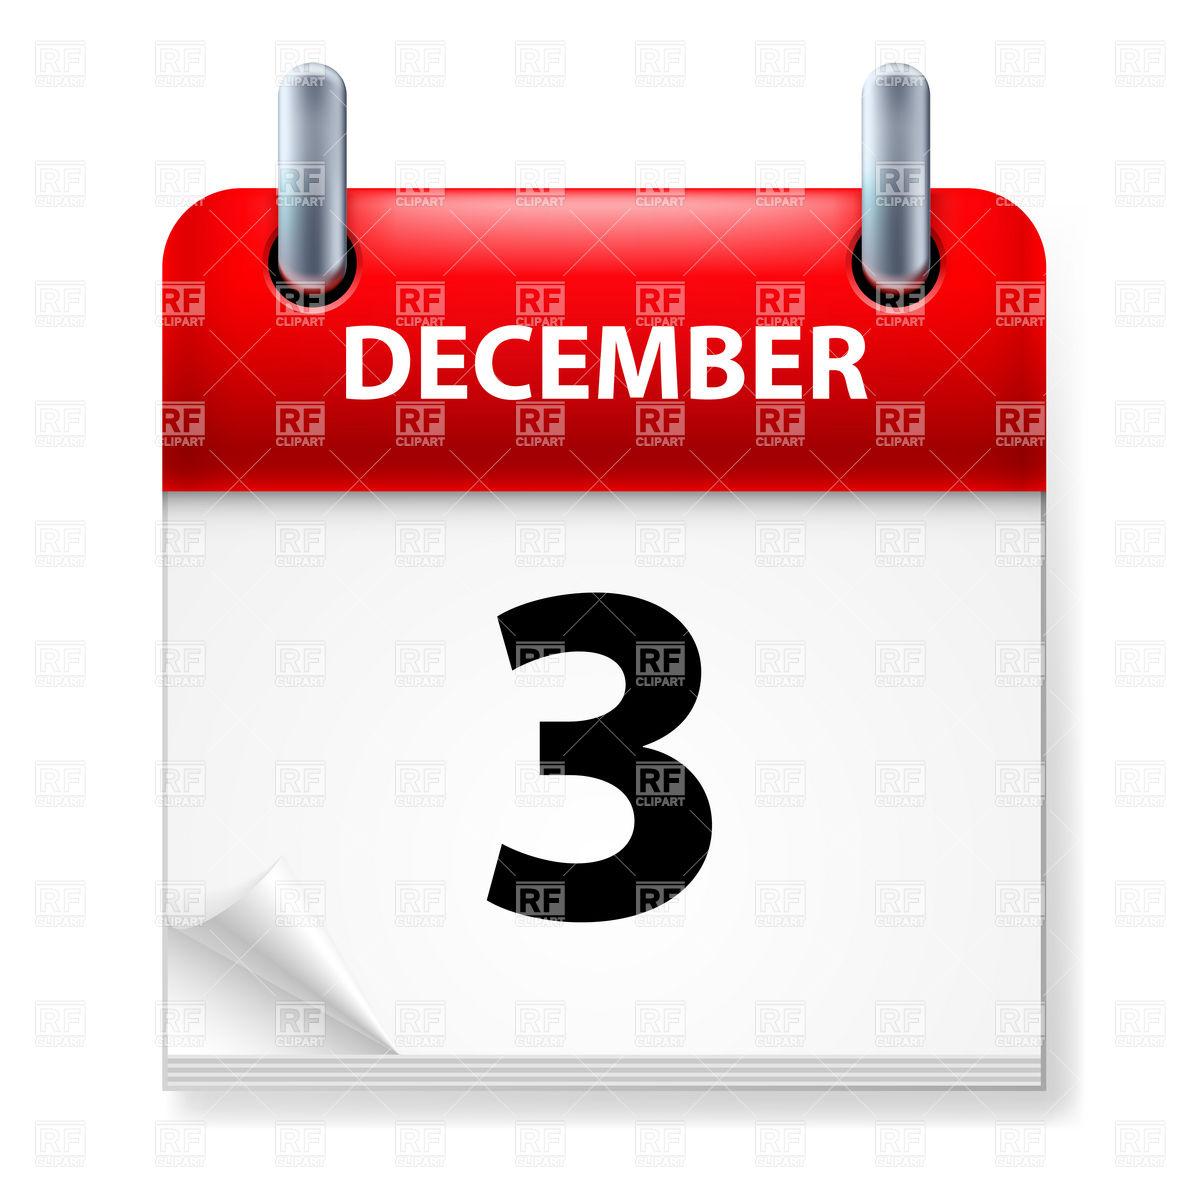 Calendar december 3 clipart clipart free Calendar december 3 clipart - ClipartFest clipart free